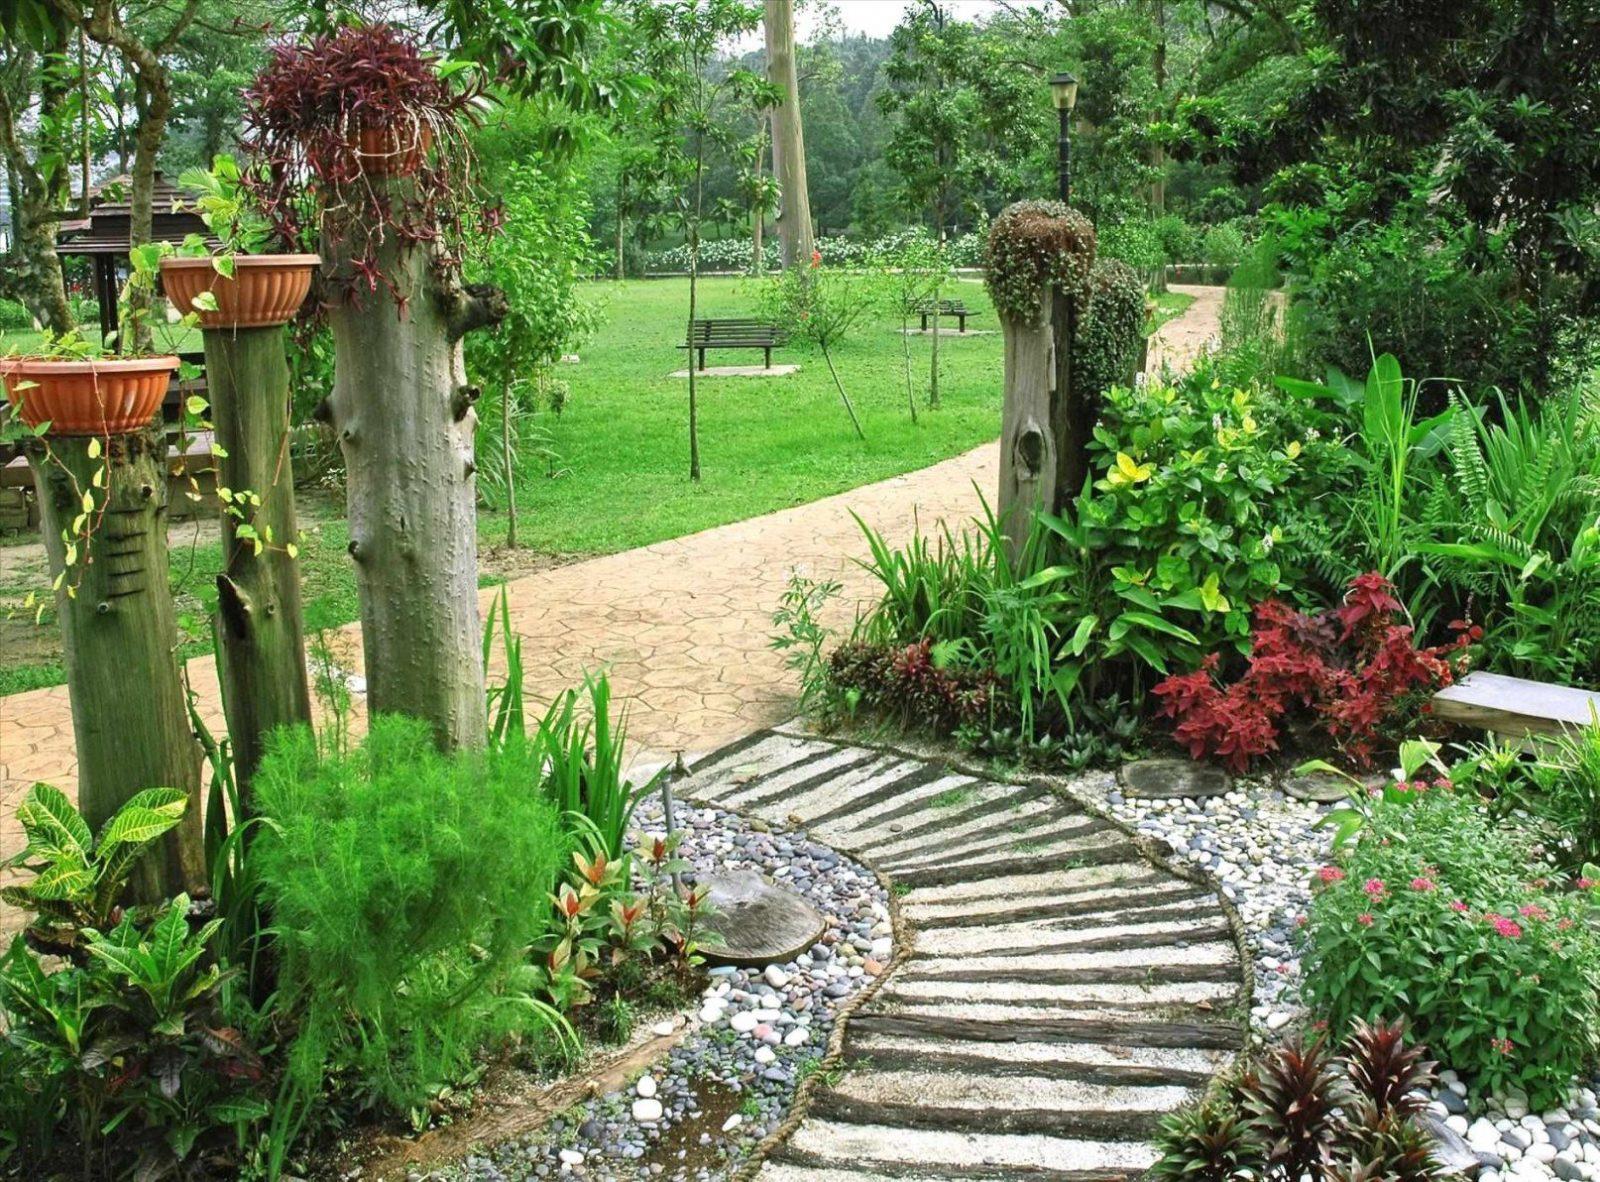 Spannende Garten Gestalten Mit Wenig Geld Garten Mit Steinen von Garten Gestalten Mit Wenig Geld Bild